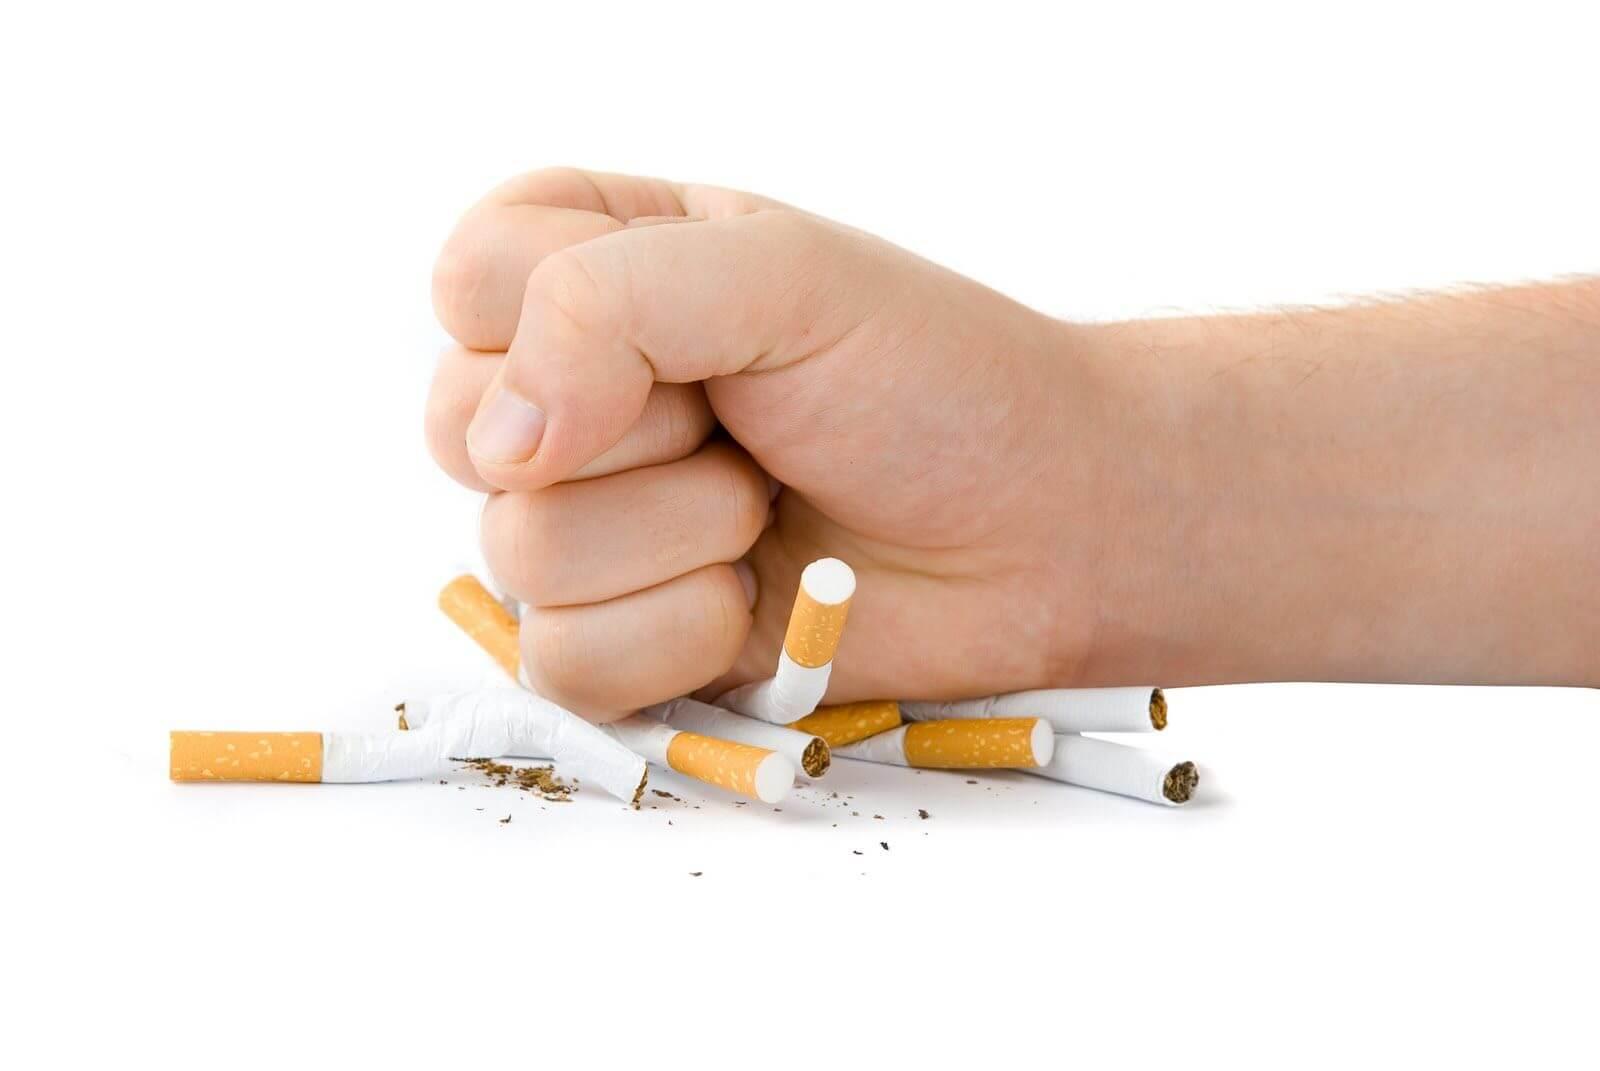 stopen met roken